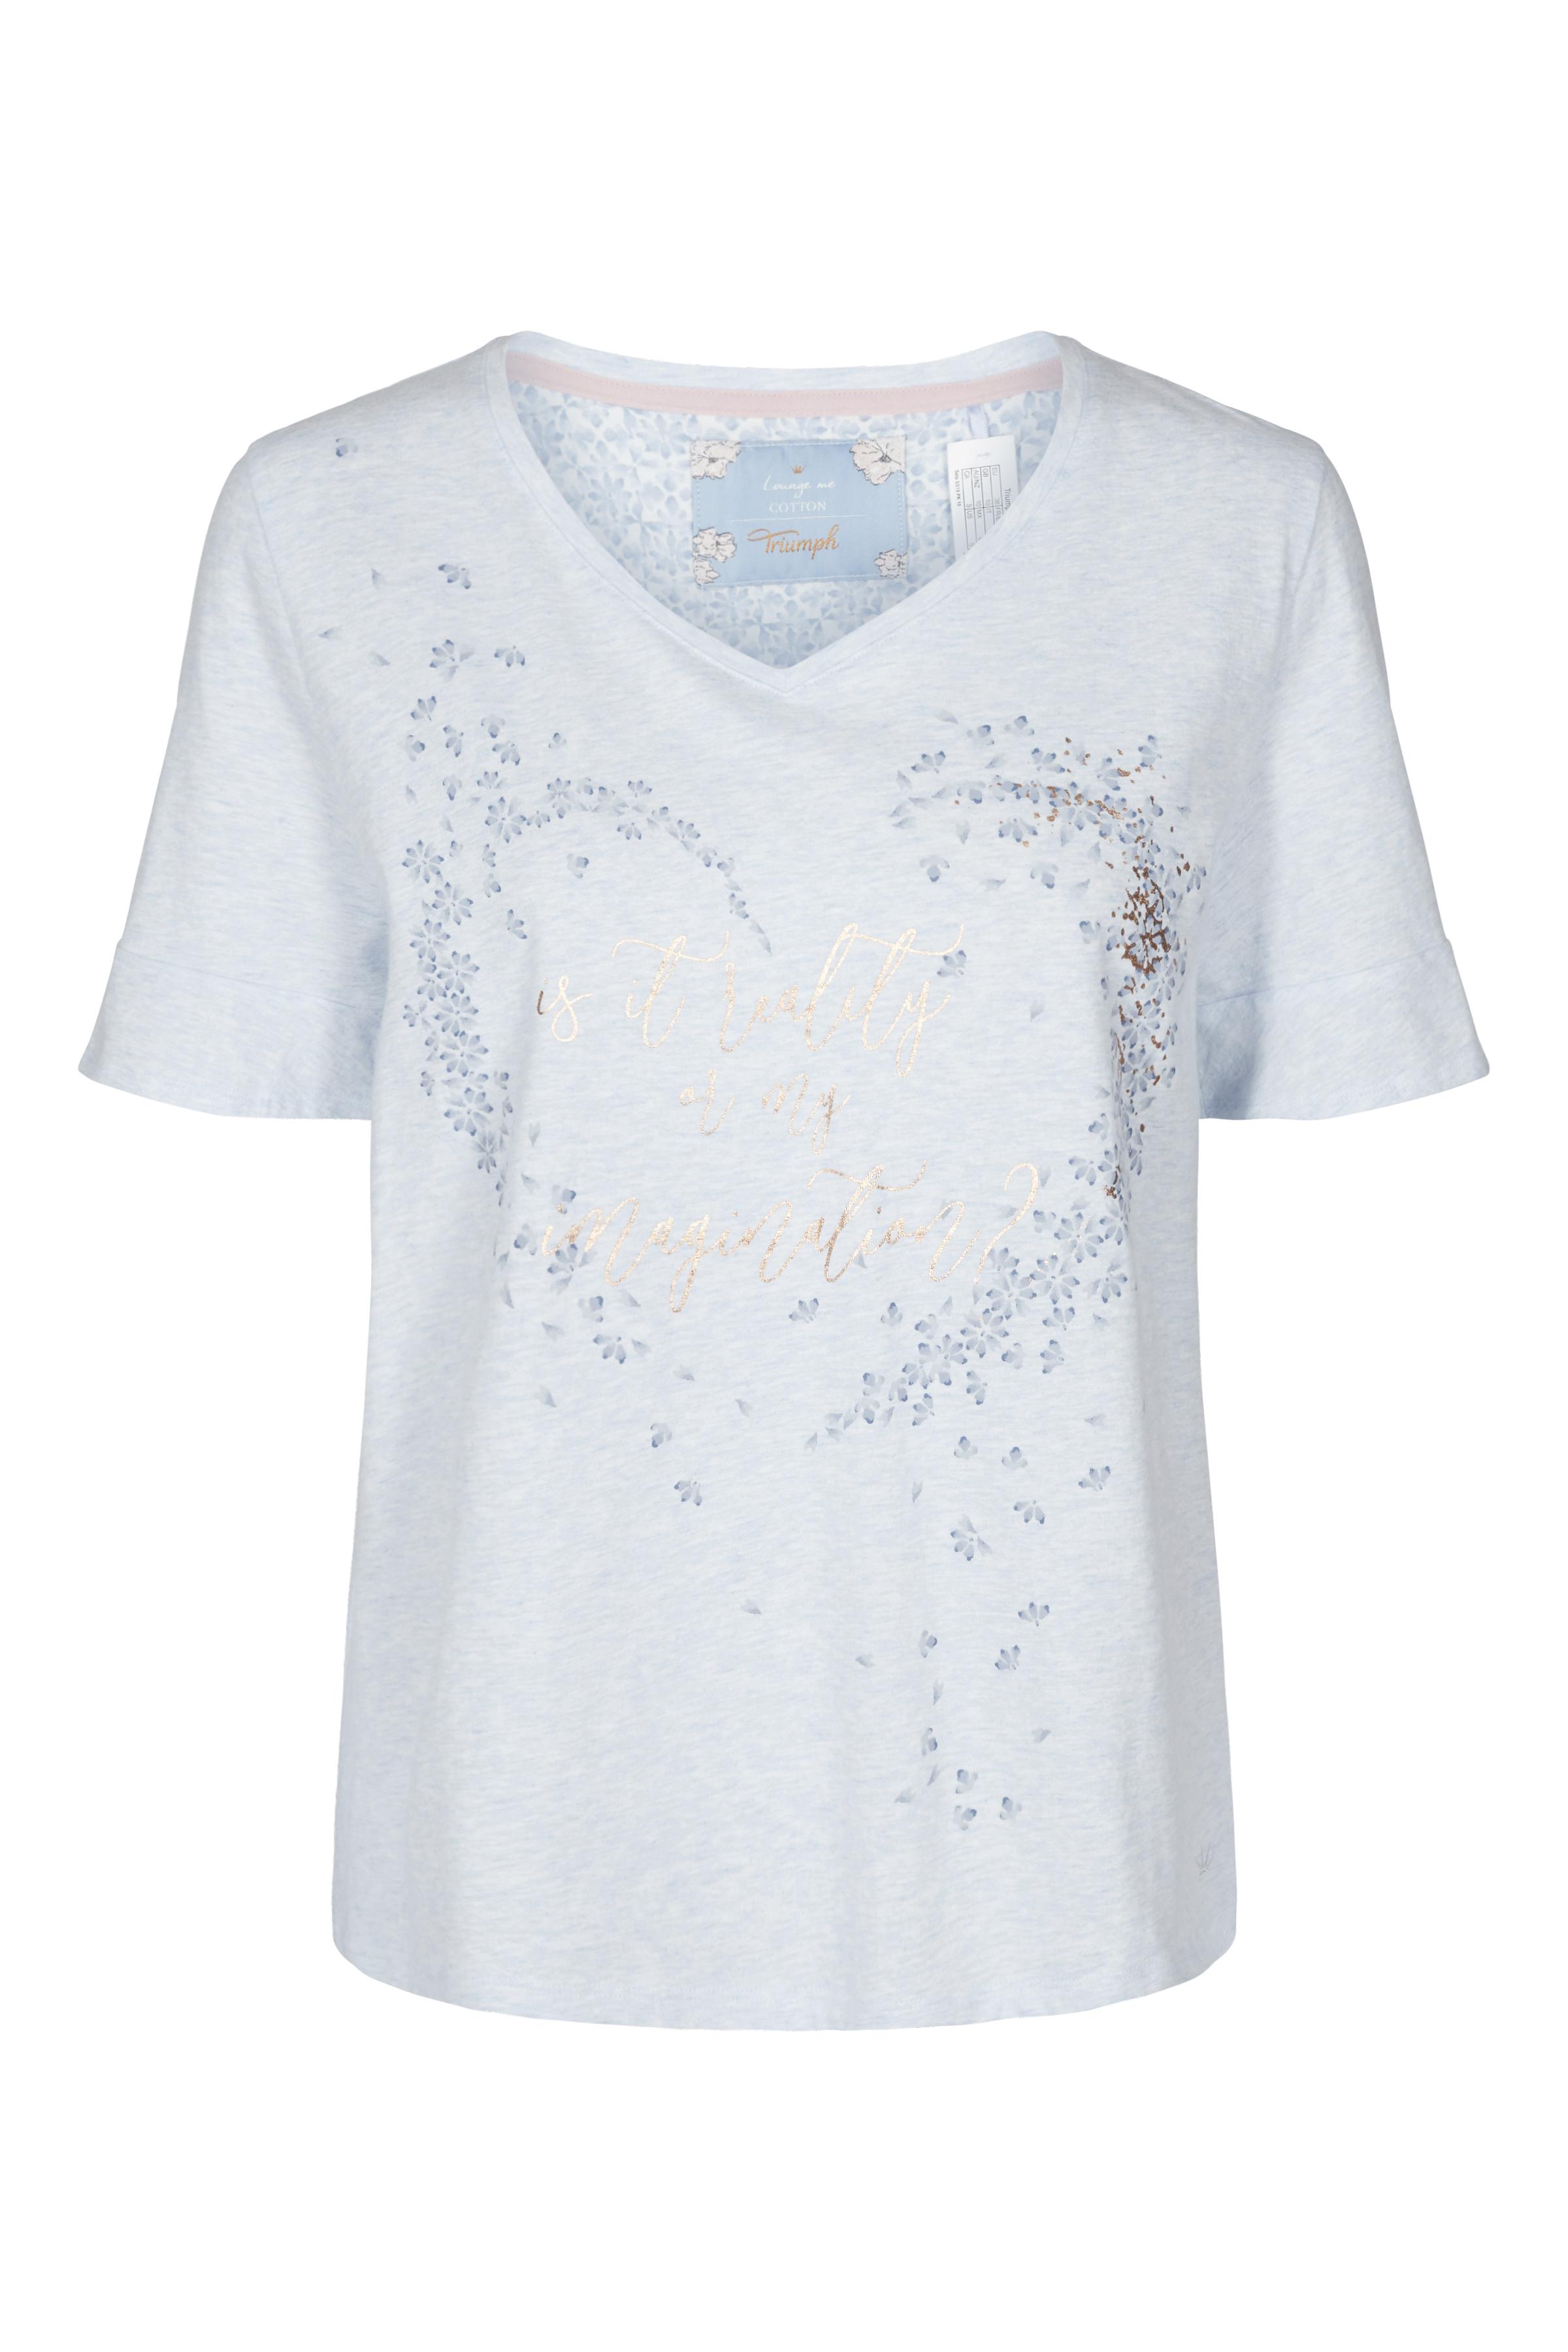 Image of Triumph Dame Homewear sæt - Lyseblå/off-white